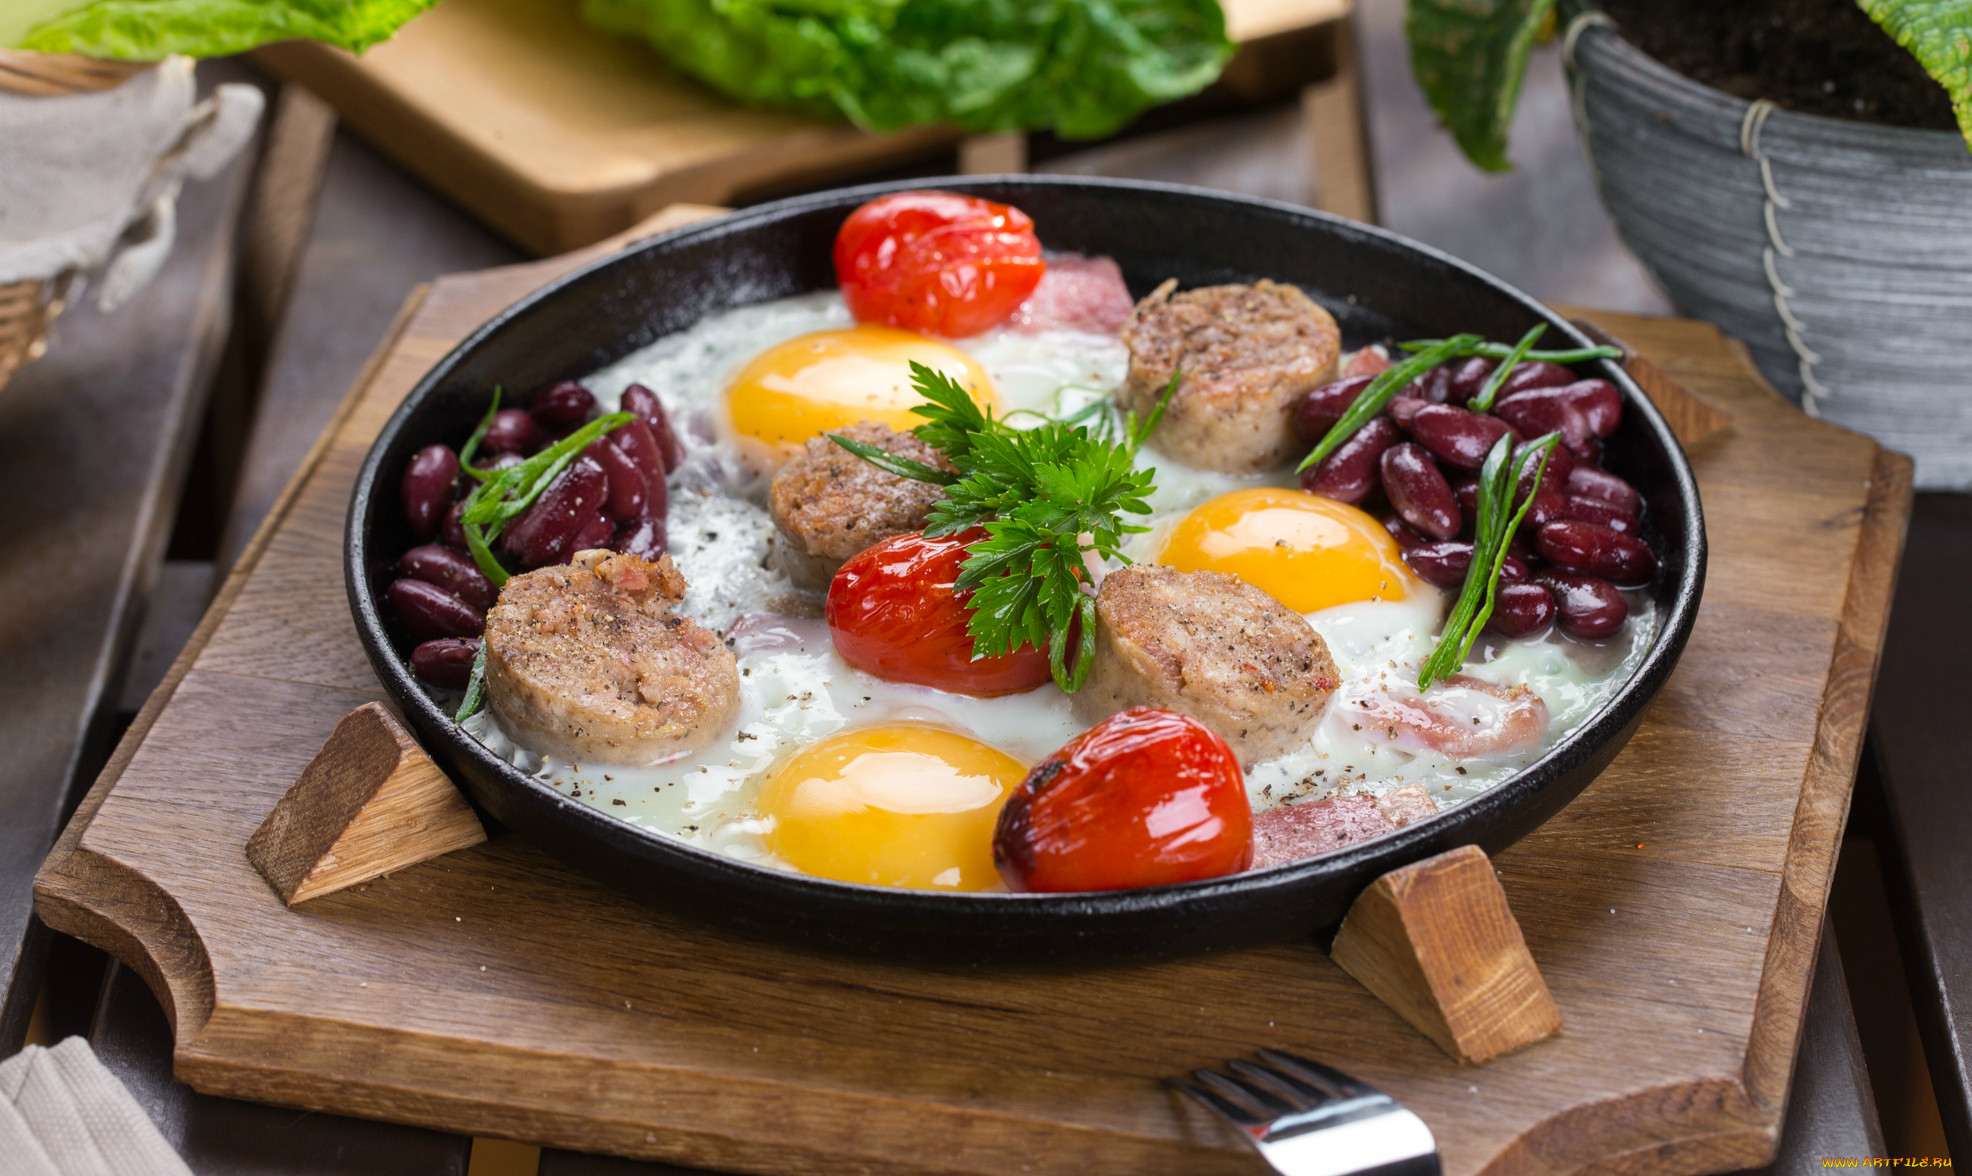 еда в сковороде картинки белорусский